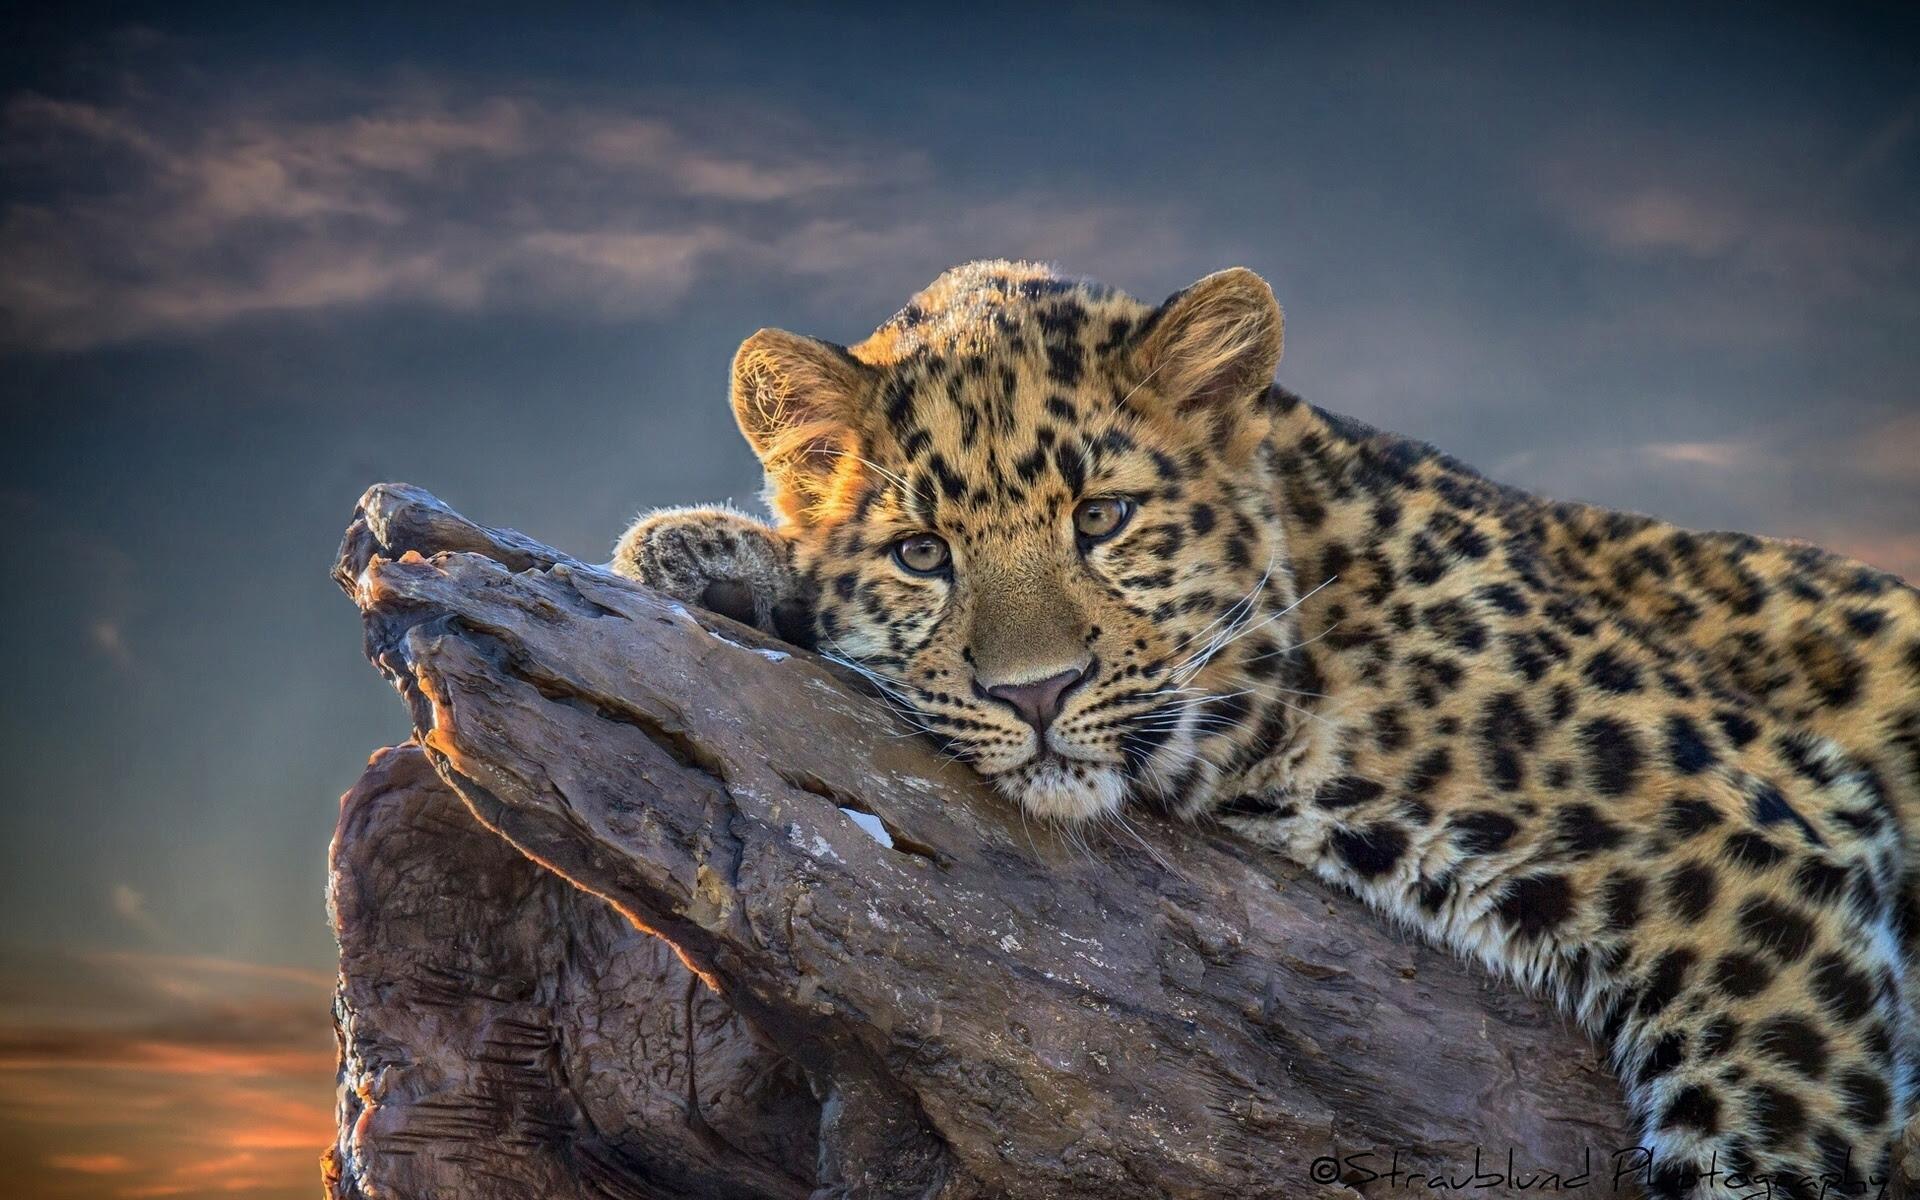 leopard wallpaper beautiful  HD Desktop Wallpapers  4k HD